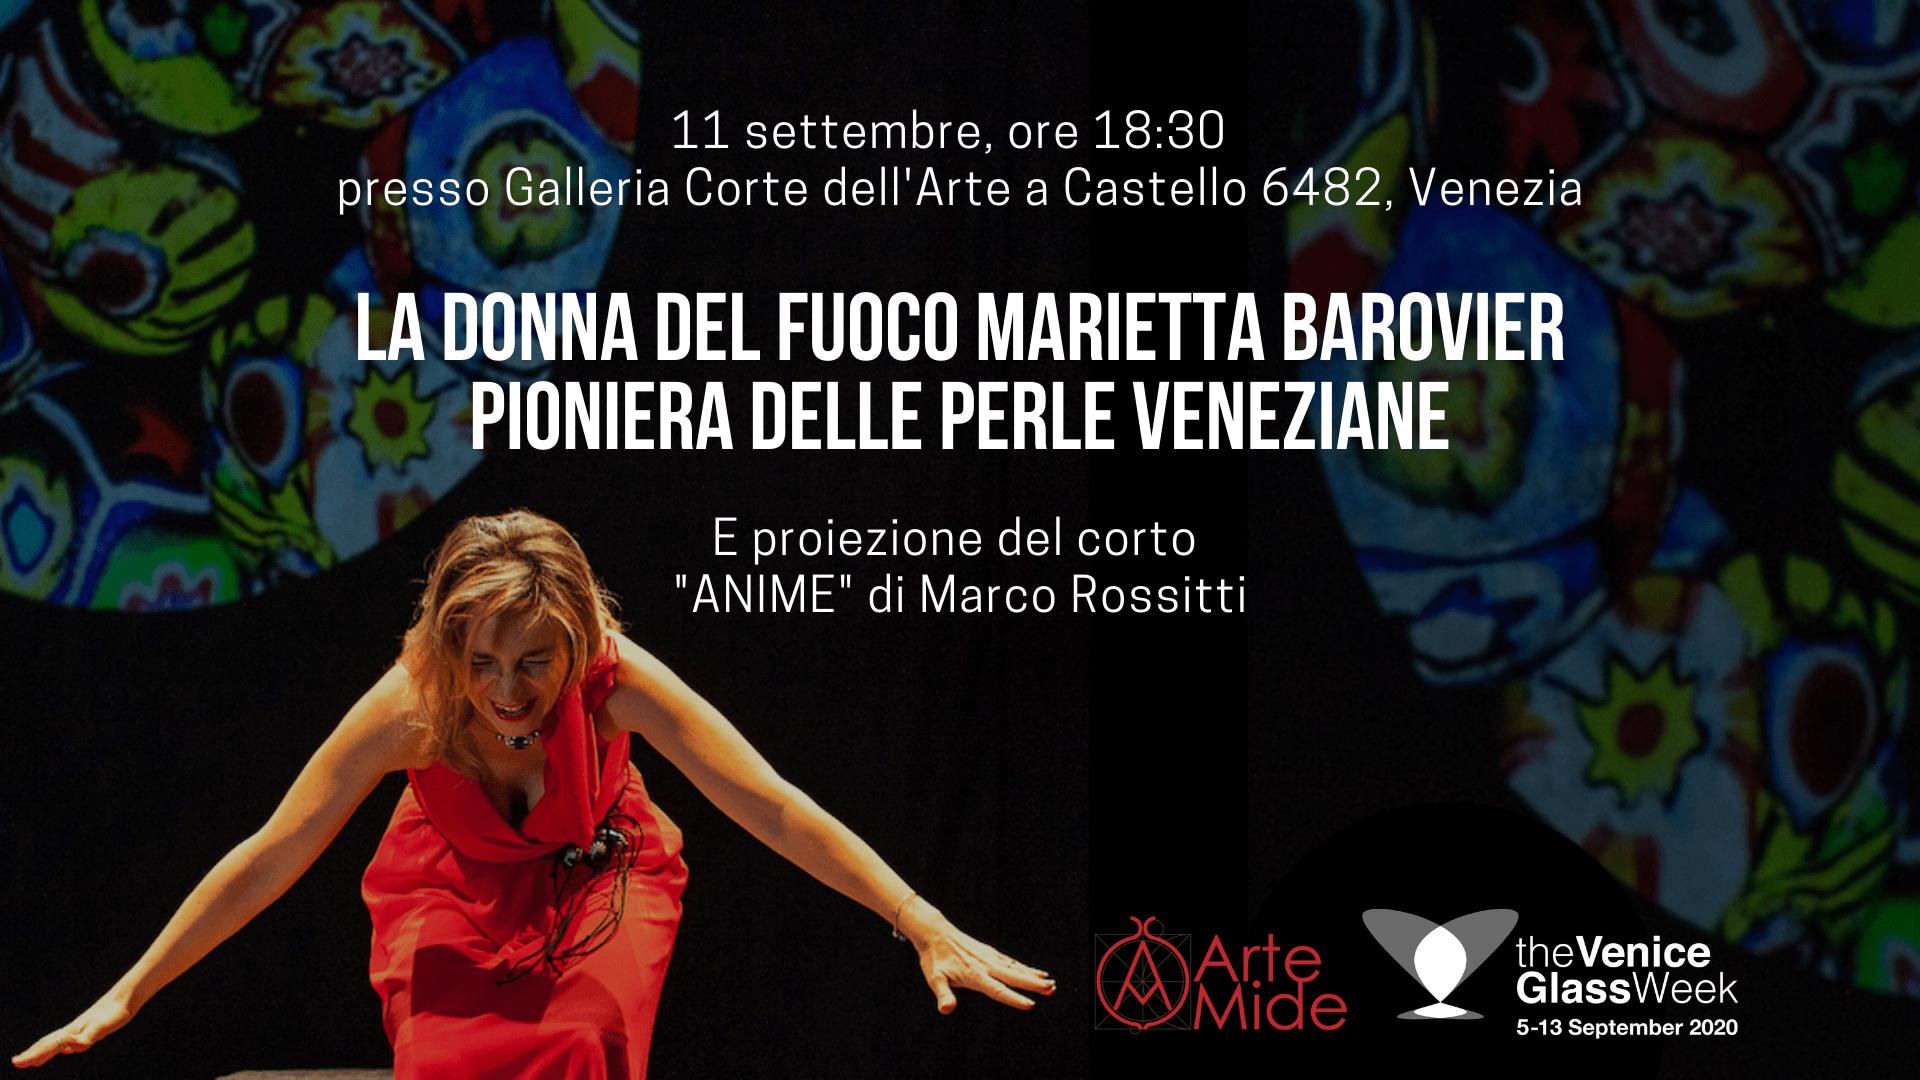 The Venice Glass Week 2020: La Donna del Fuoco Marietta Barovier